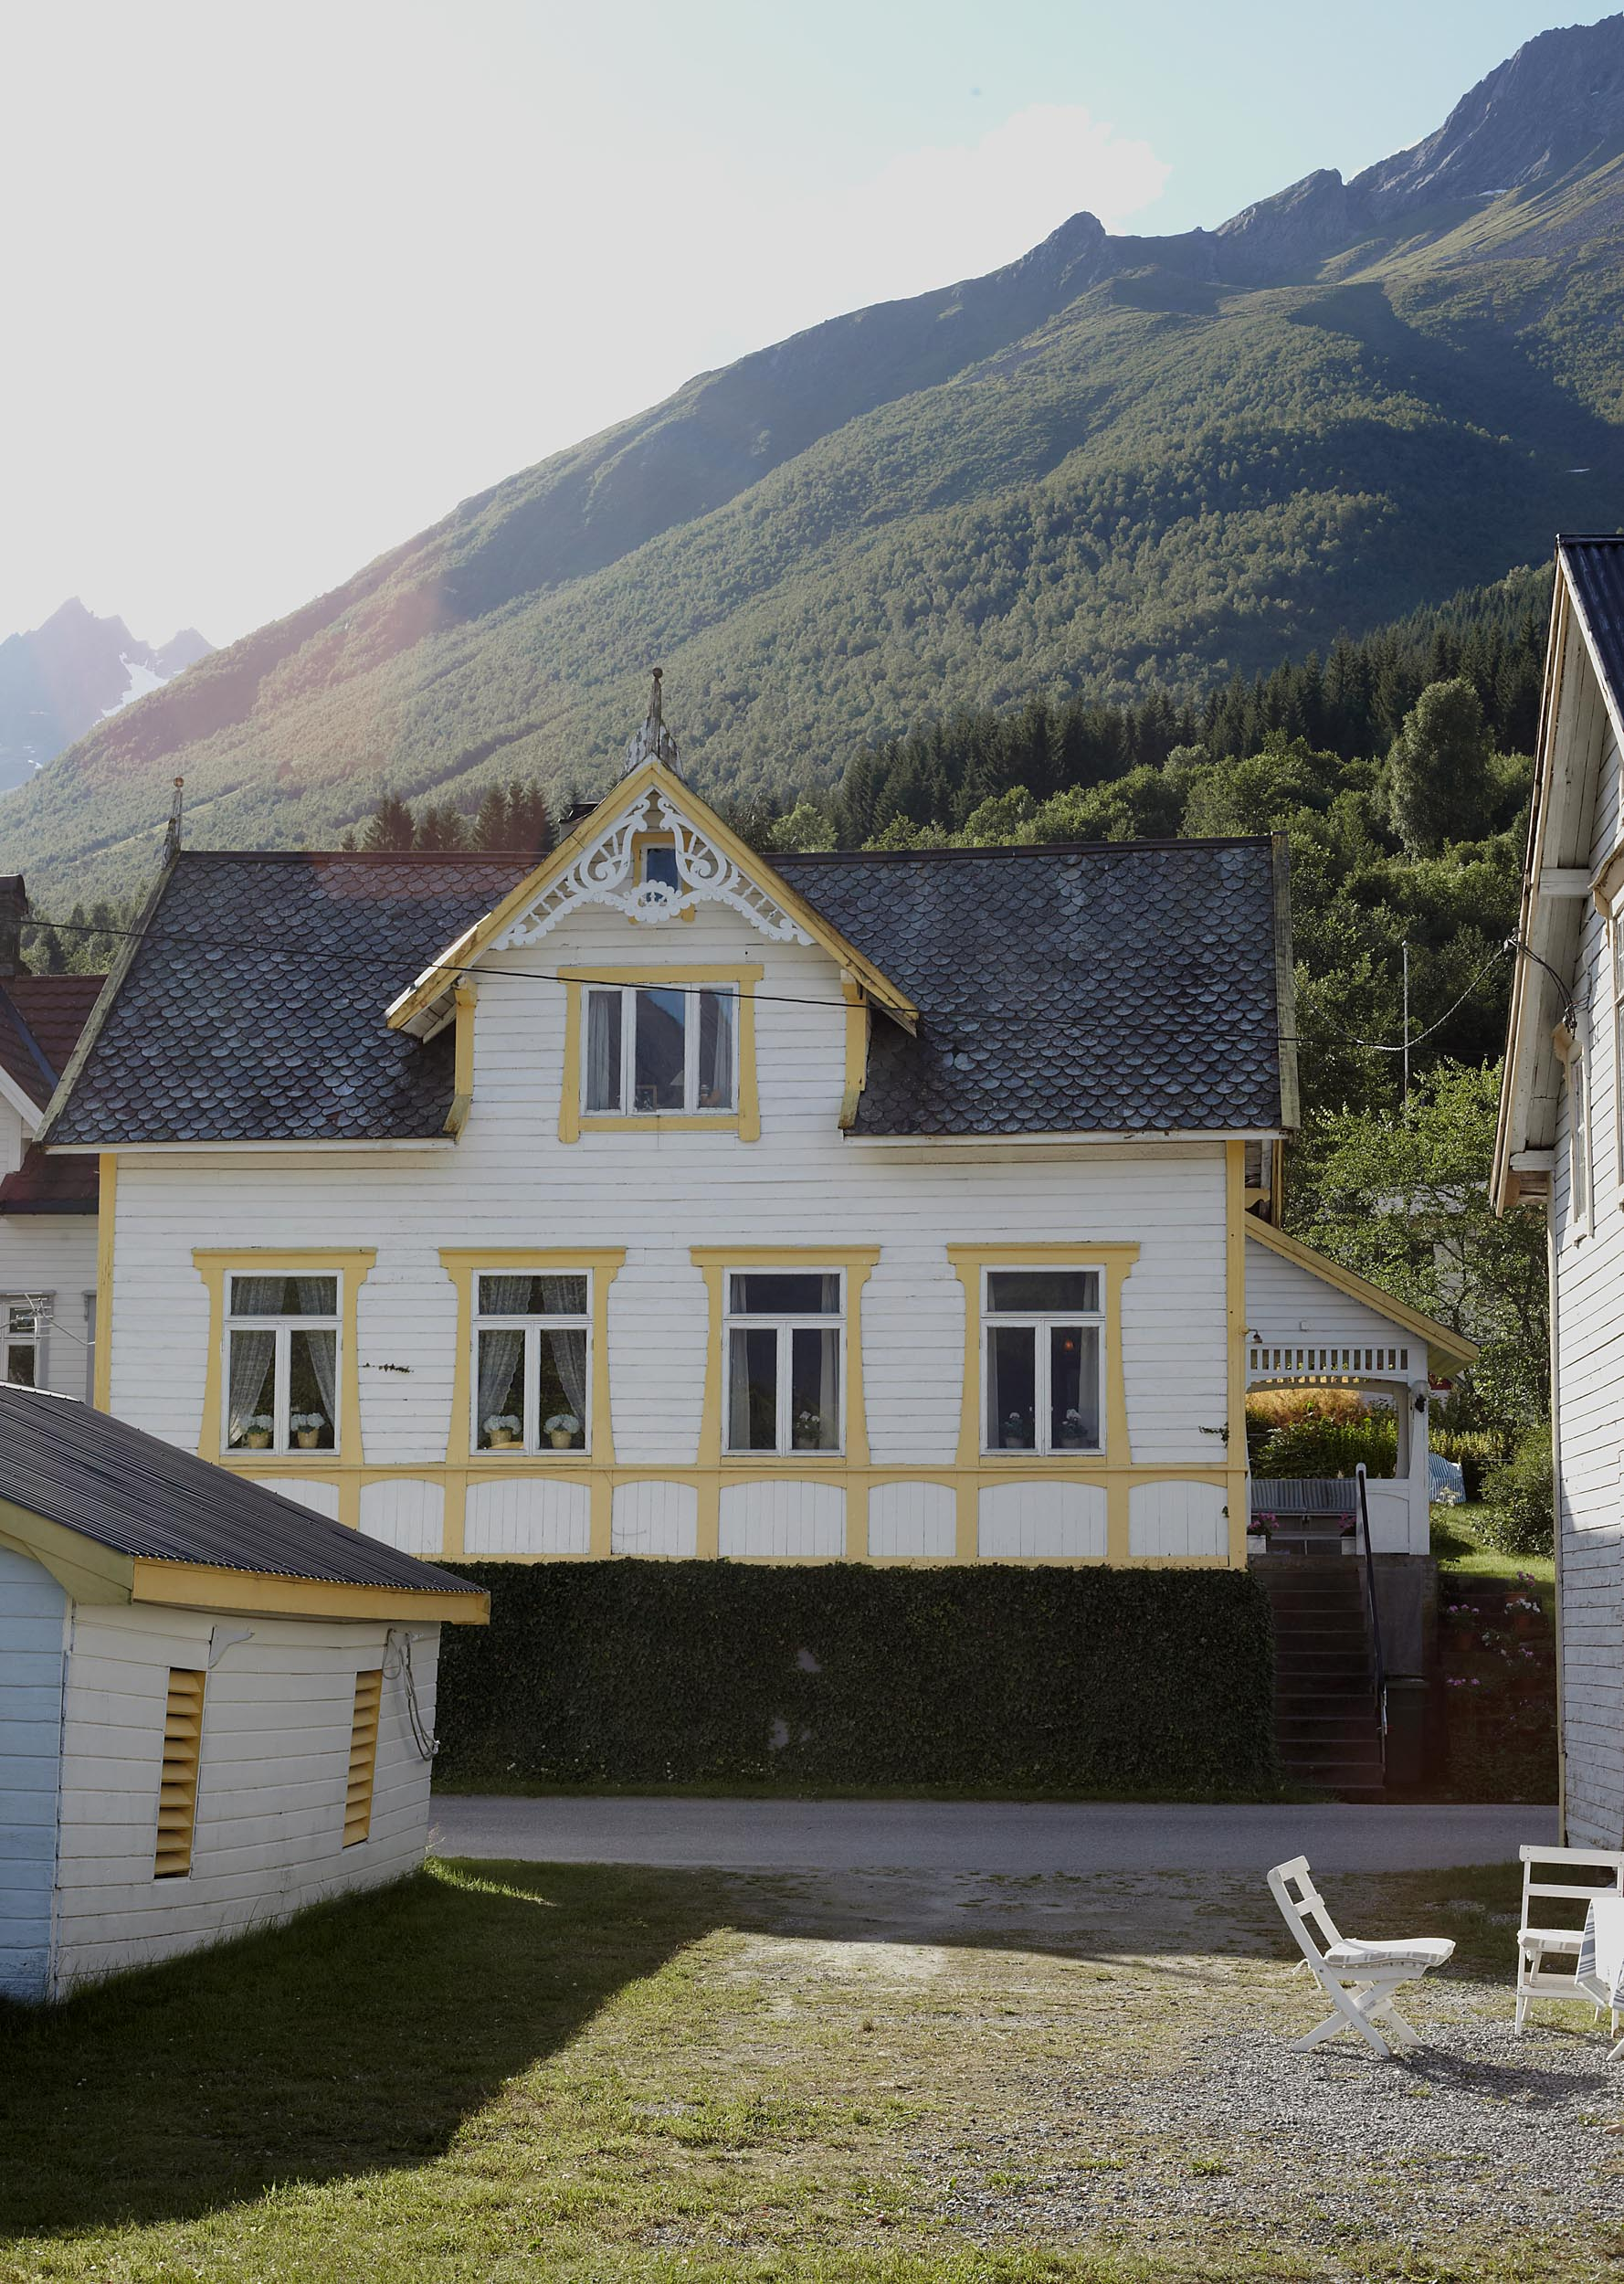 Sæbø_023.jpg